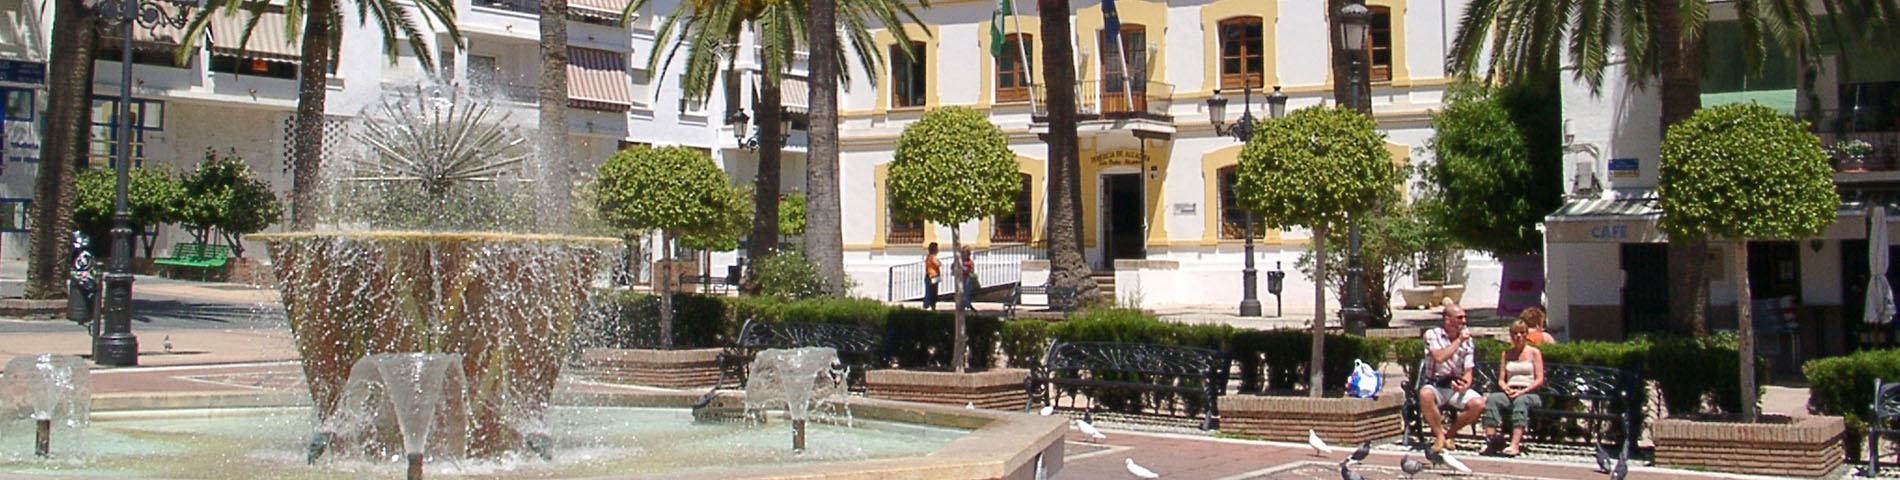 圣佩德罗-德阿尔坎塔拉(San Pedro de Alcántara)